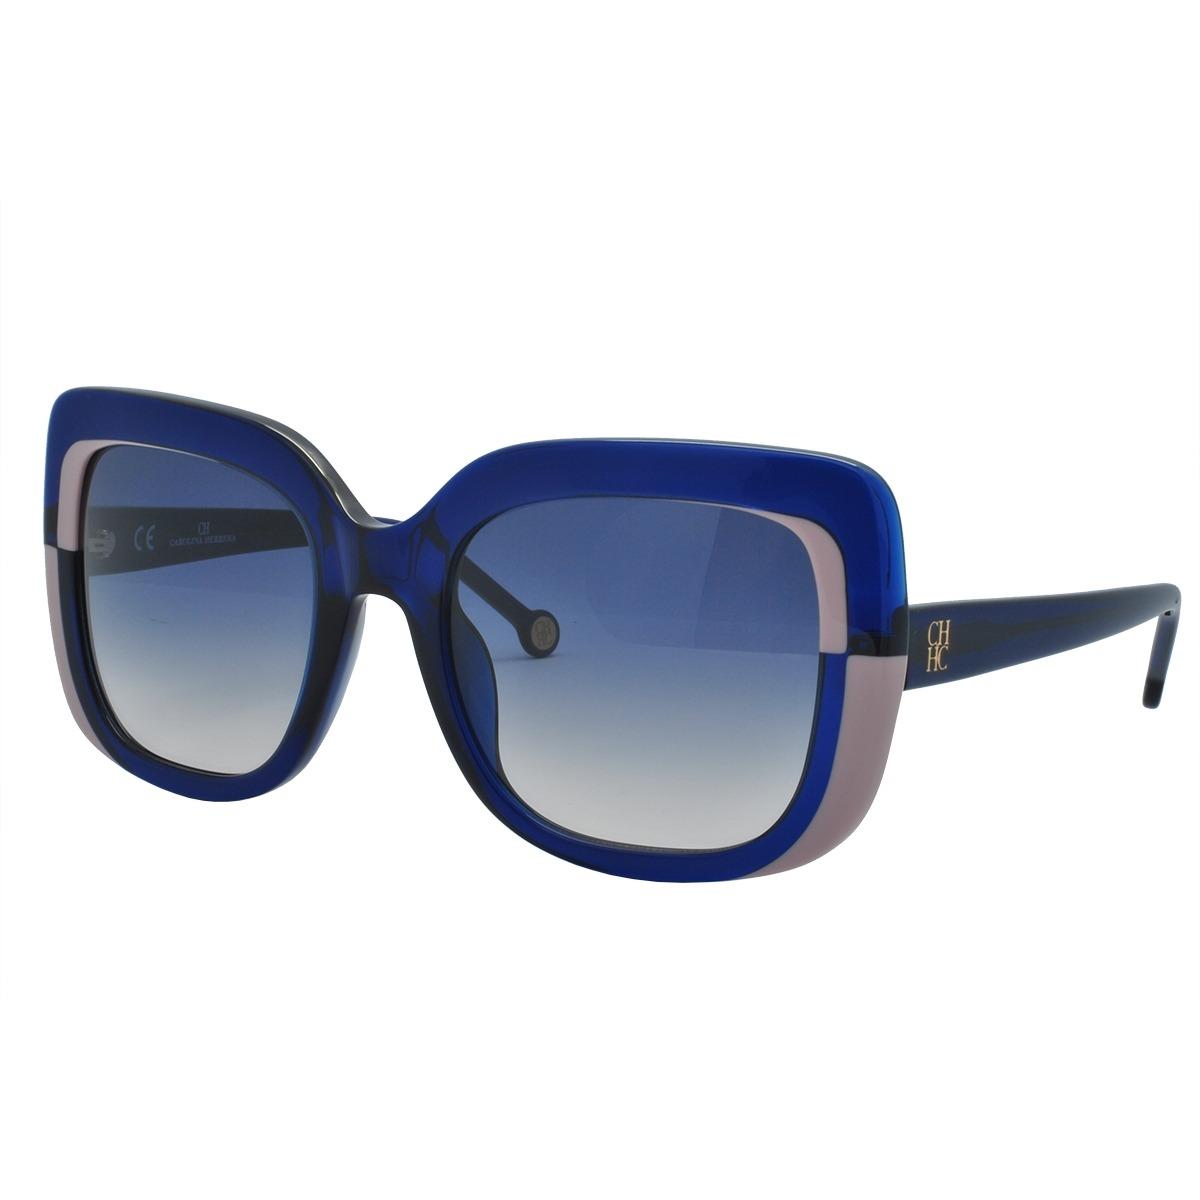 8a4675989f881 óculos de sol carolina herrera original feminino she786 0ag. Carregando  zoom.